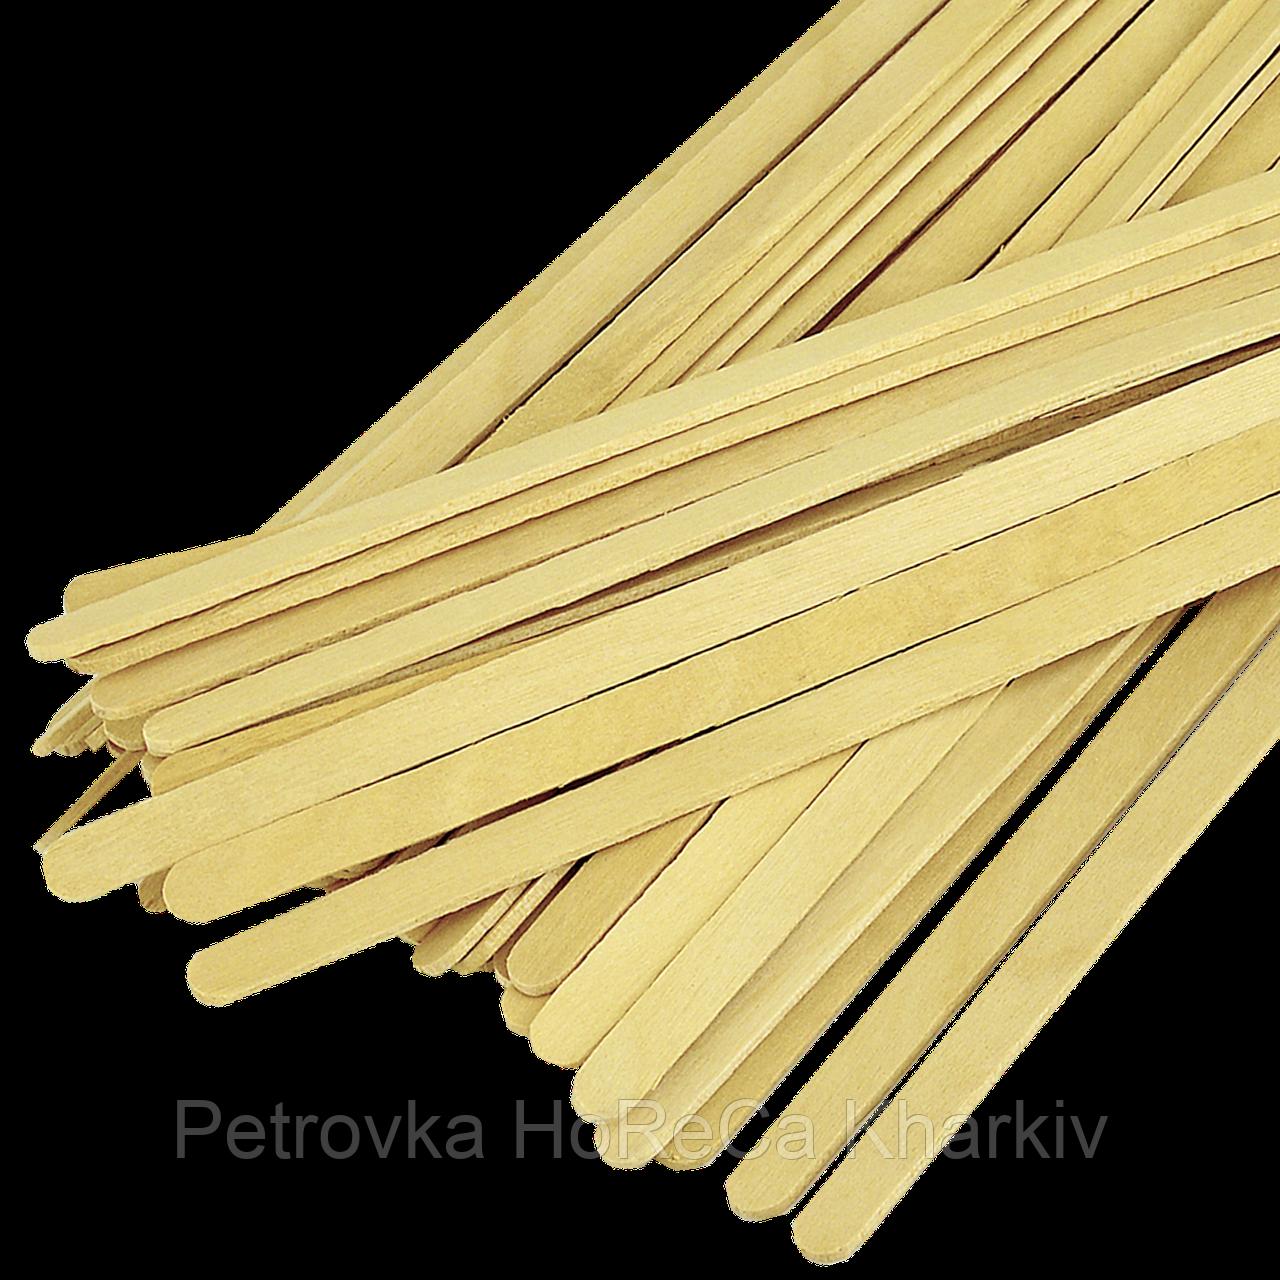 Мішалка дерев'яна 180*6*1,8 зиппакет (1уп/800шт/1ящ/16уп)